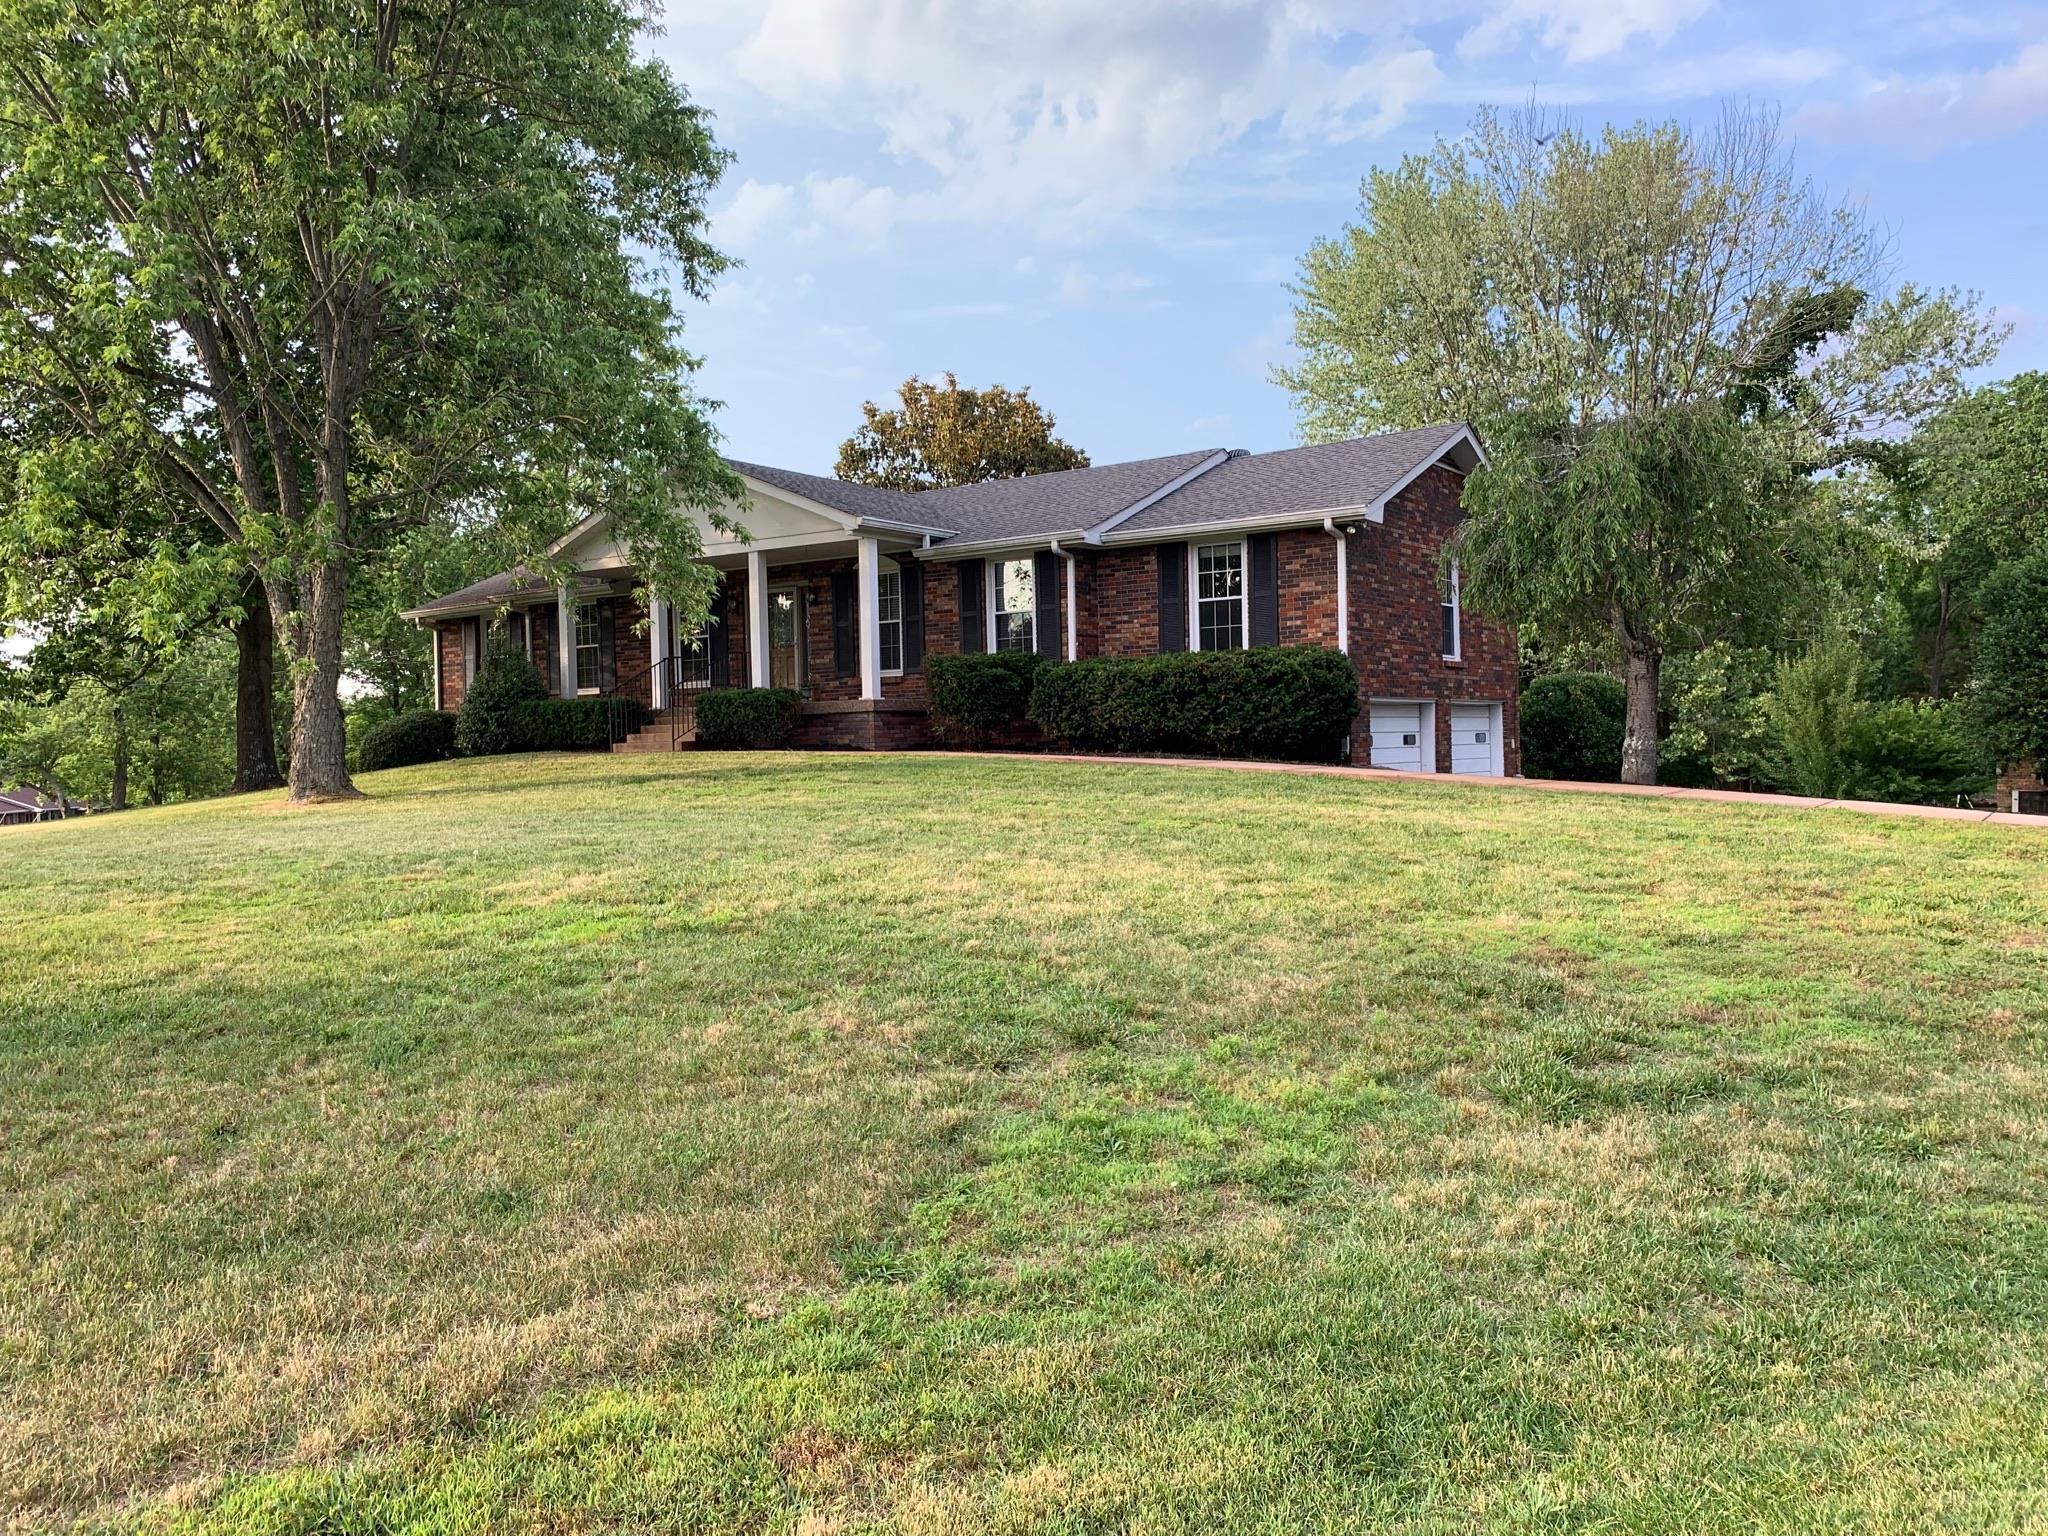 138 Saint Andrews Dr, Hendersonville, Tennessee